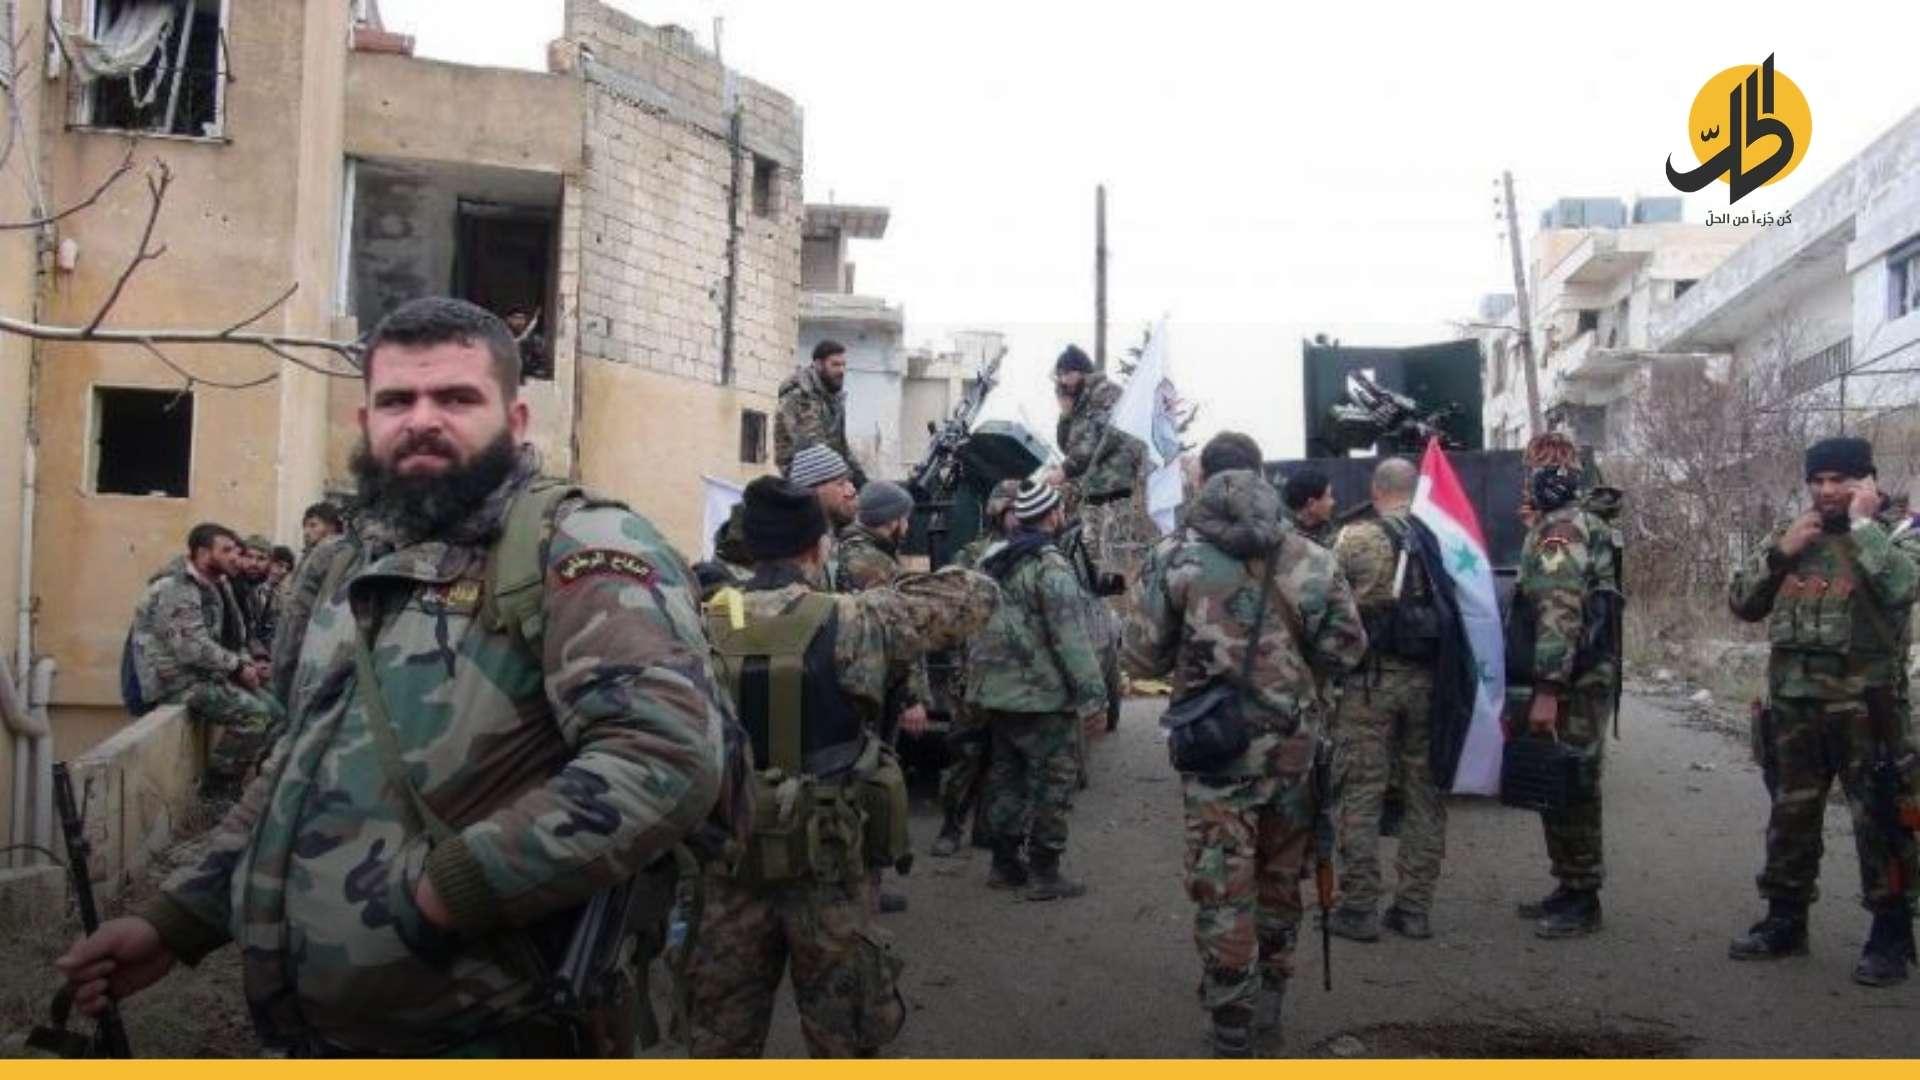 """مقتل عنصر من """"الدفاع الوطني"""" باحتفالية مؤيدة لـ""""بشار الأسد"""" في دير الزور"""